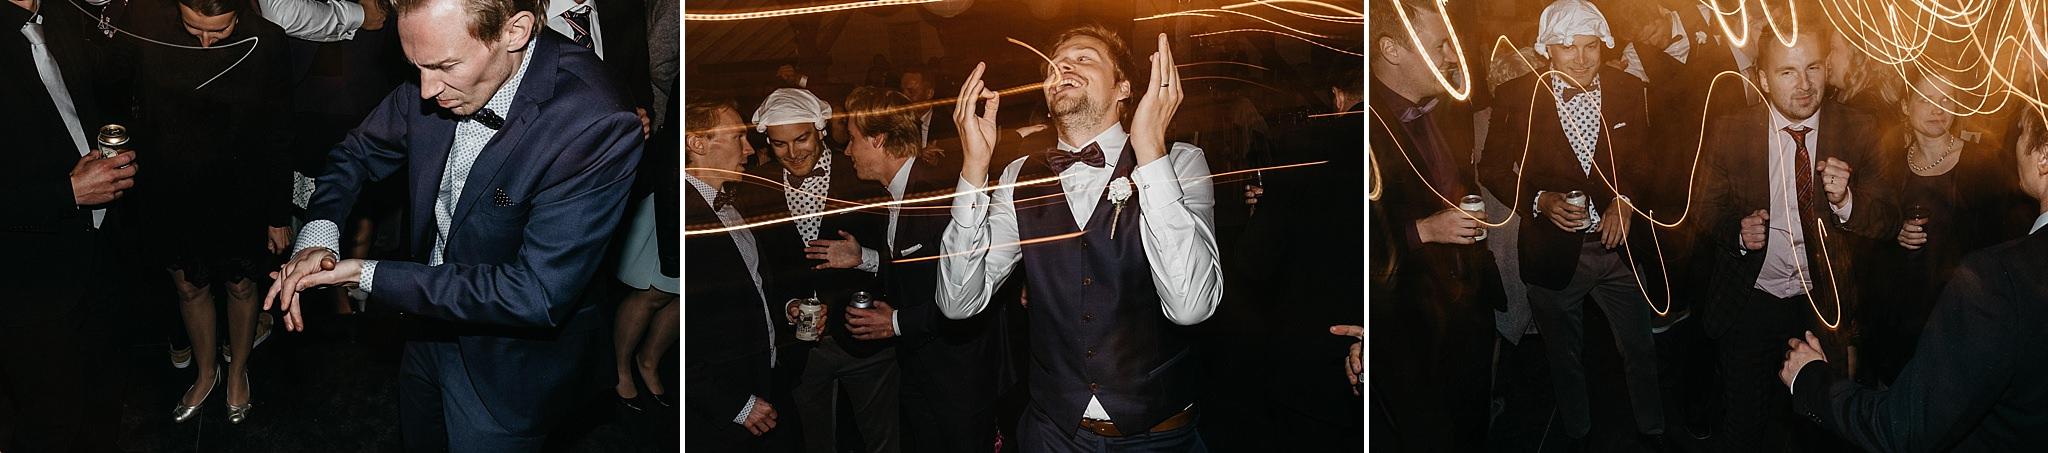 Haakuvaus_wedding_jyvaskyla_muurame_tuomiston_tila_0119.jpg